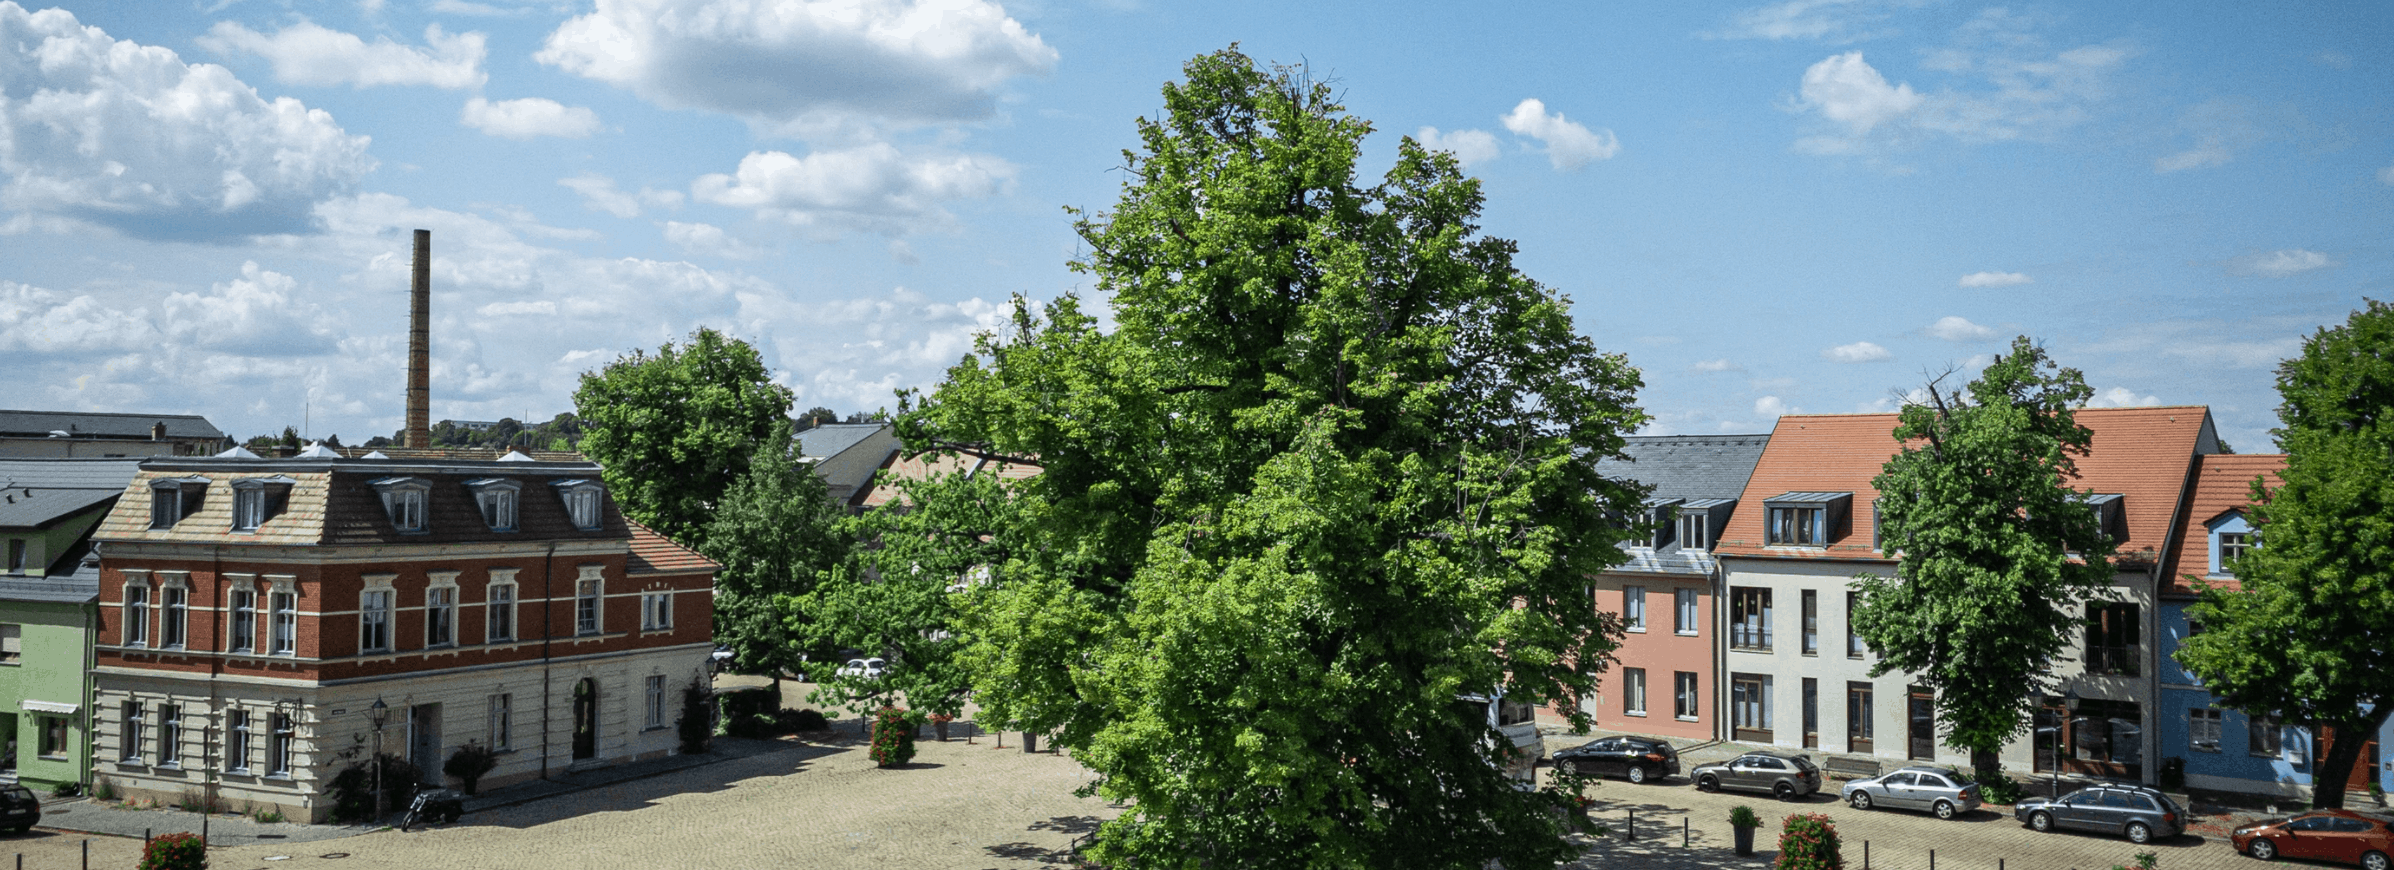 Datenbank Unternehmen Brandenburg